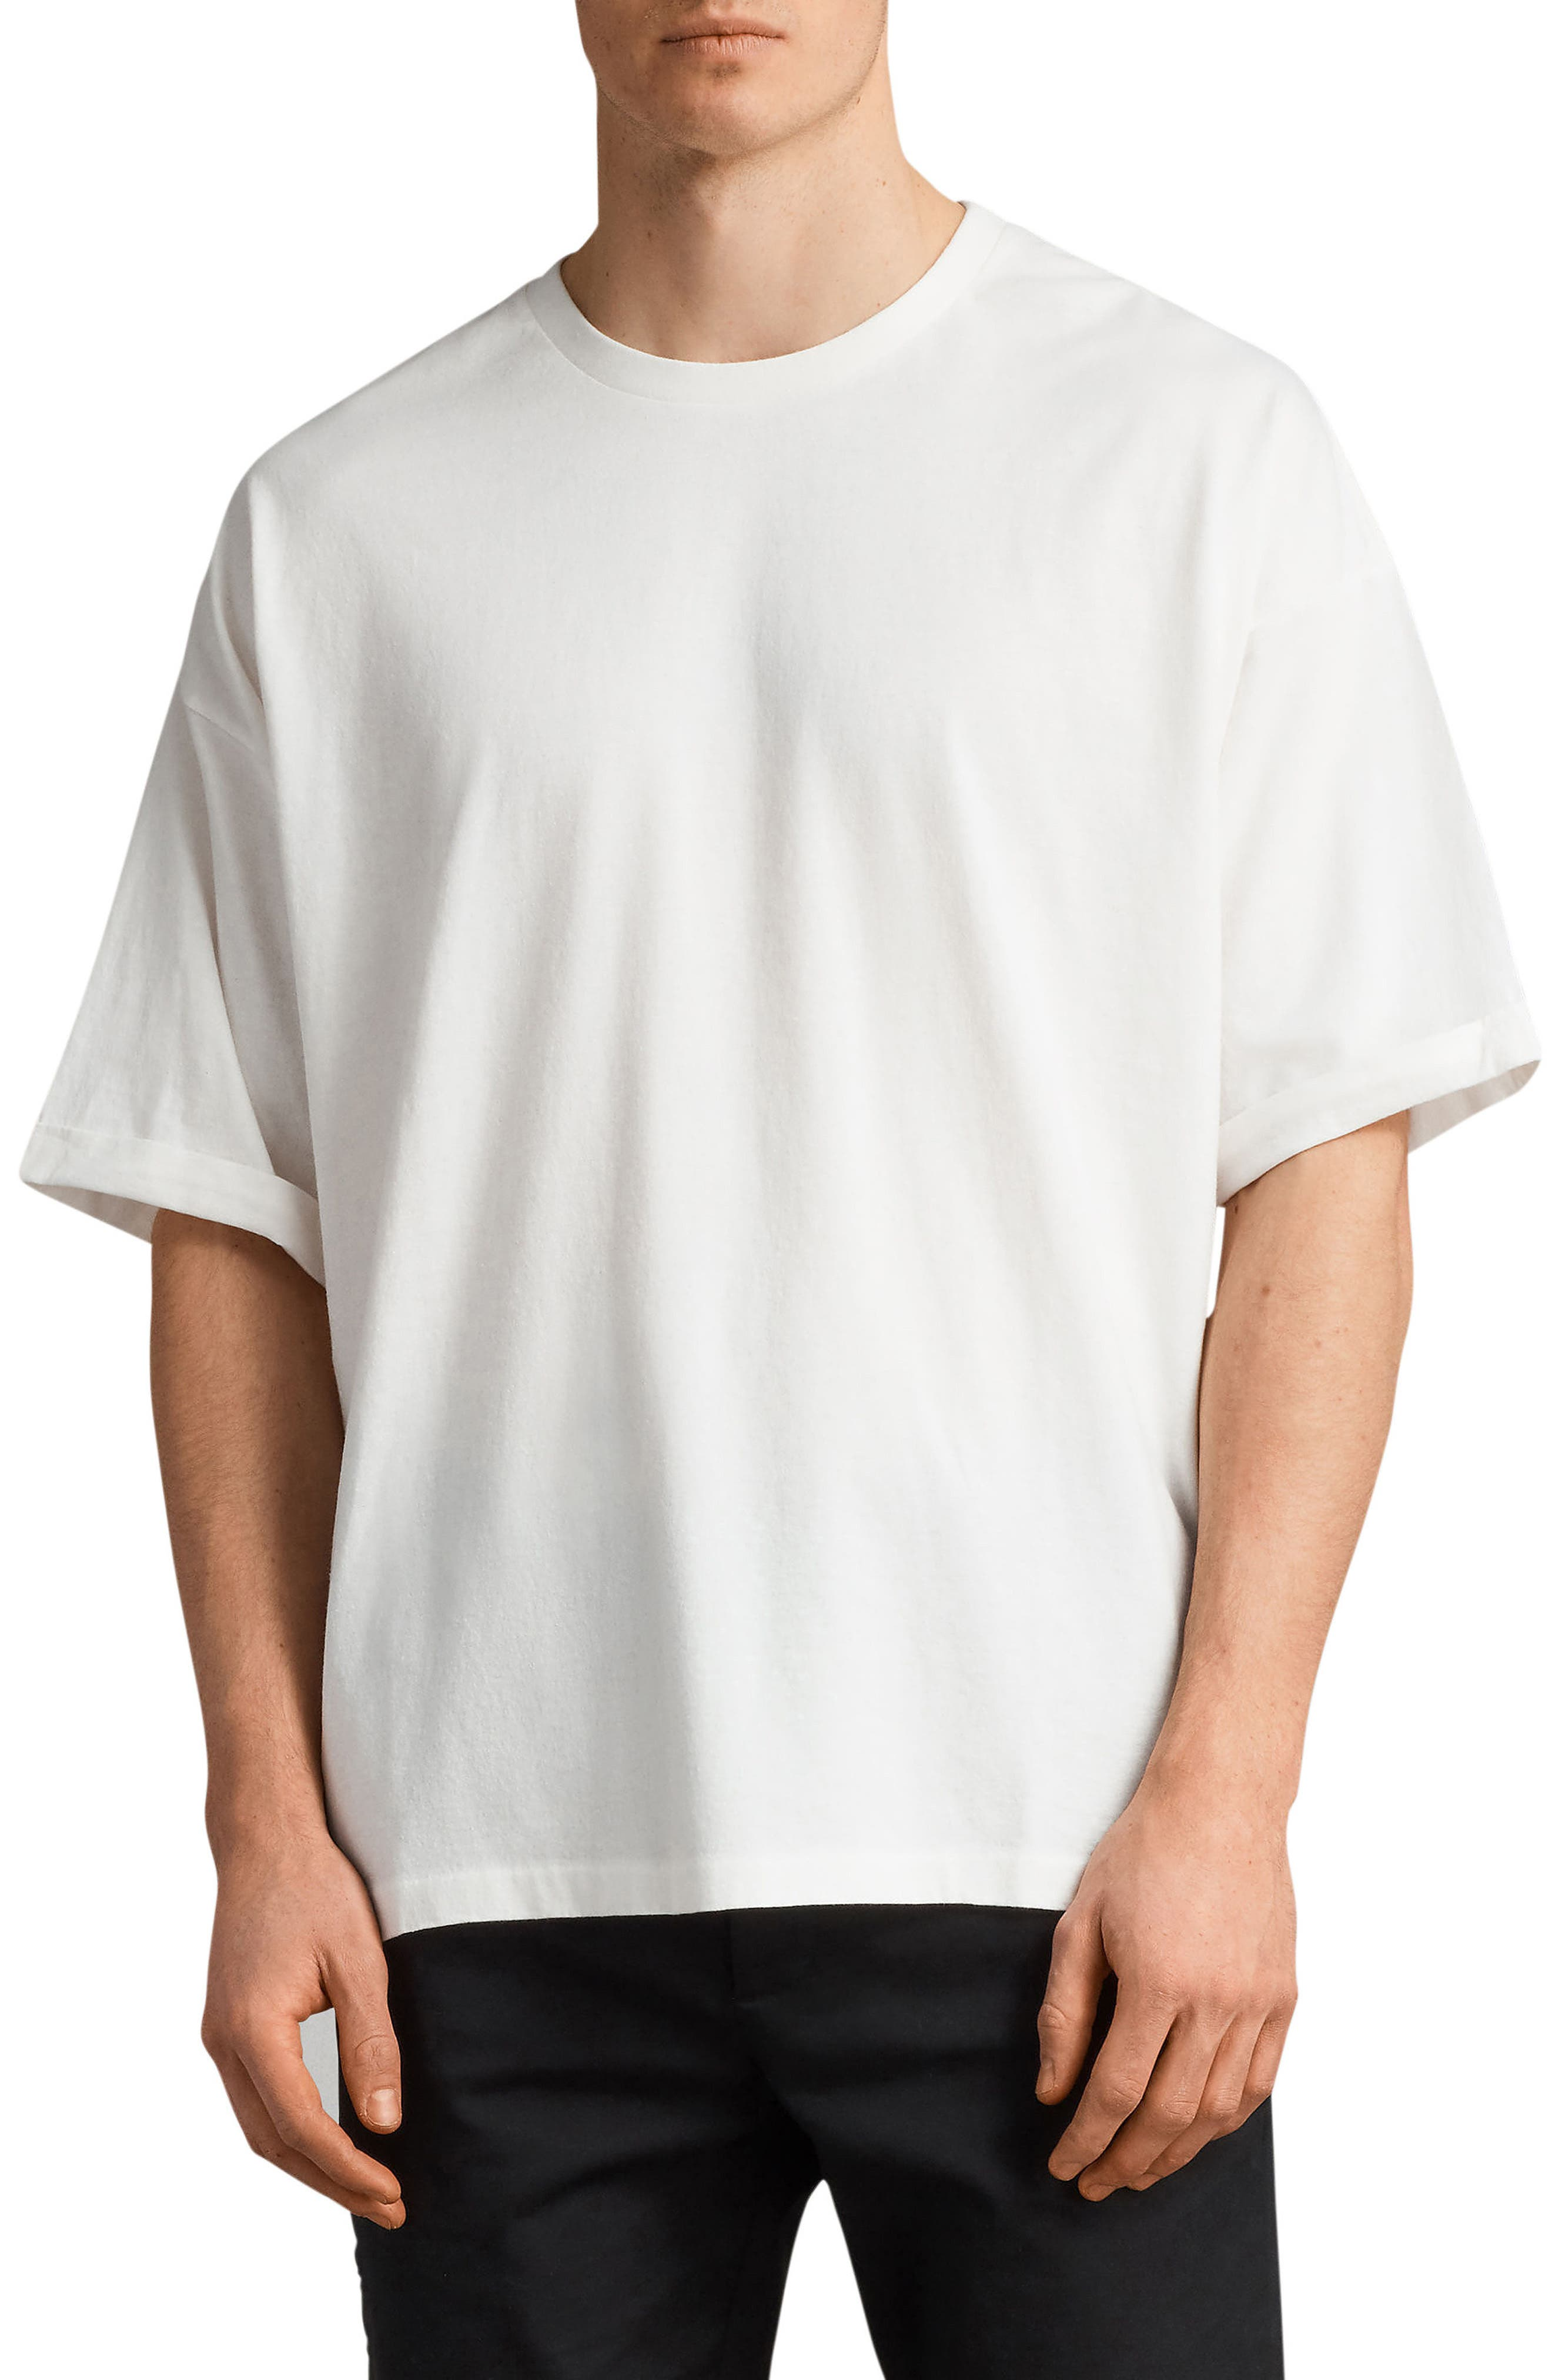 ALLSAINTS Kleeve Oversized Crewneck T-Shirt